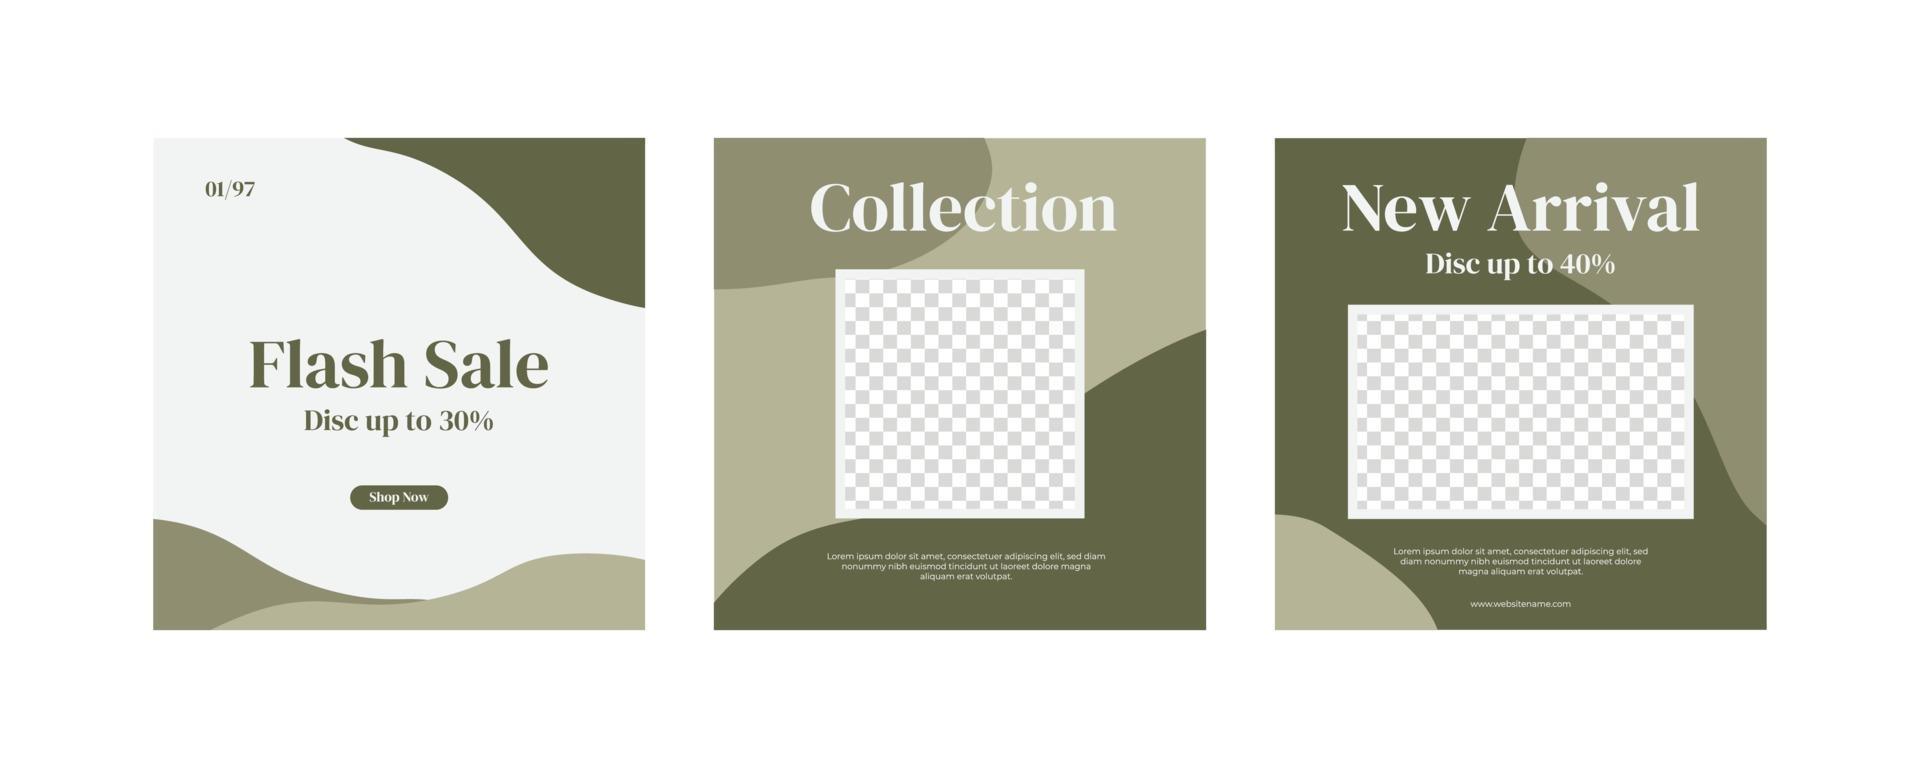 minimalistiska moderna möbler sociala medier inlägg vektor